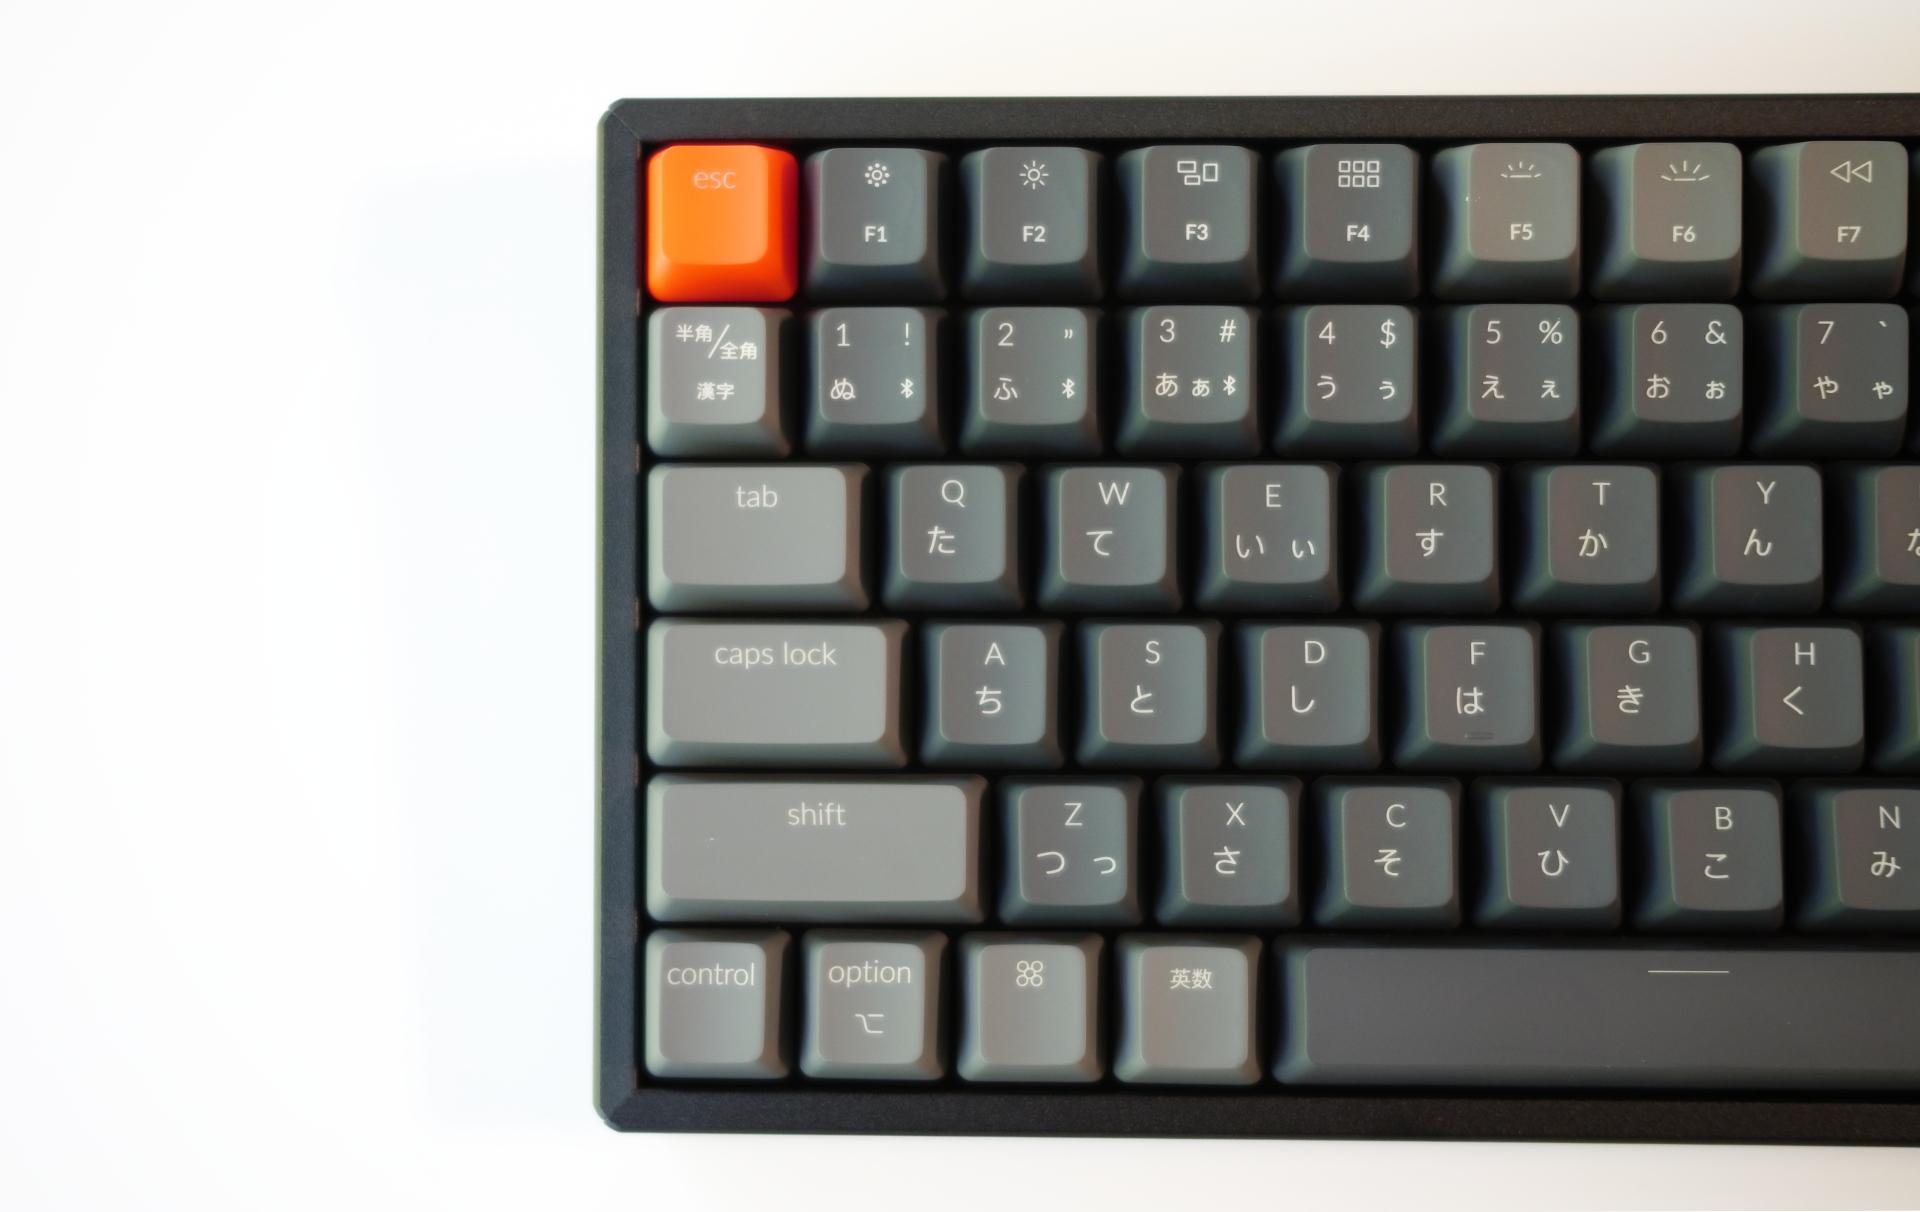 Keychron K2 日本語配列メカニカルキーボード左側キー配列